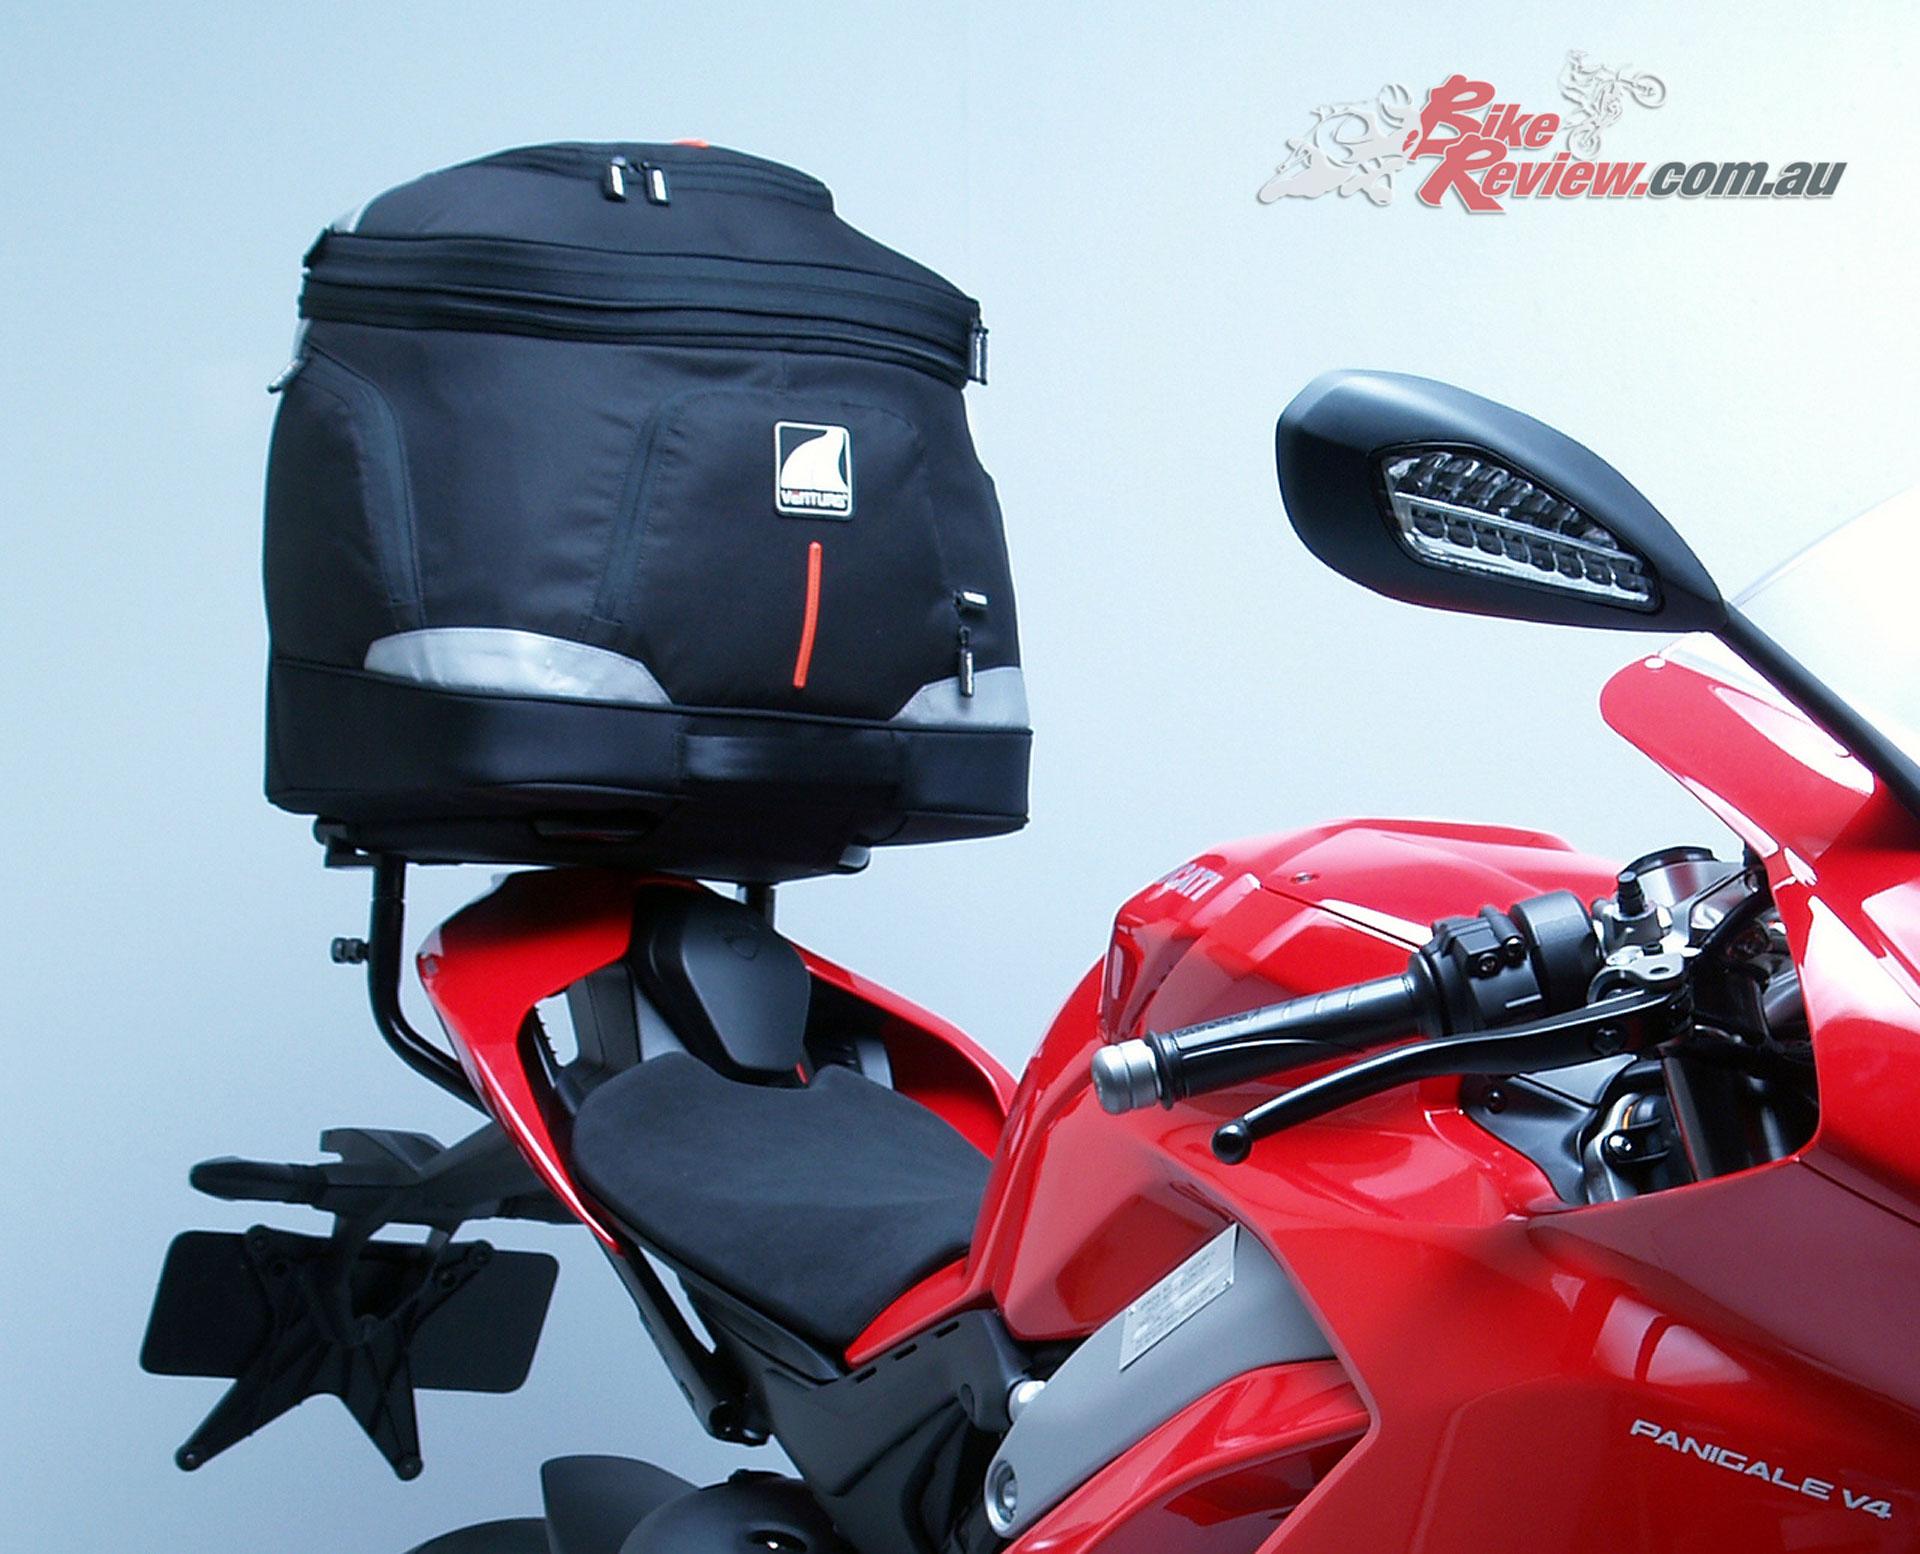 Ventura EVO-40 Luggage for the Ducati Panigale V4